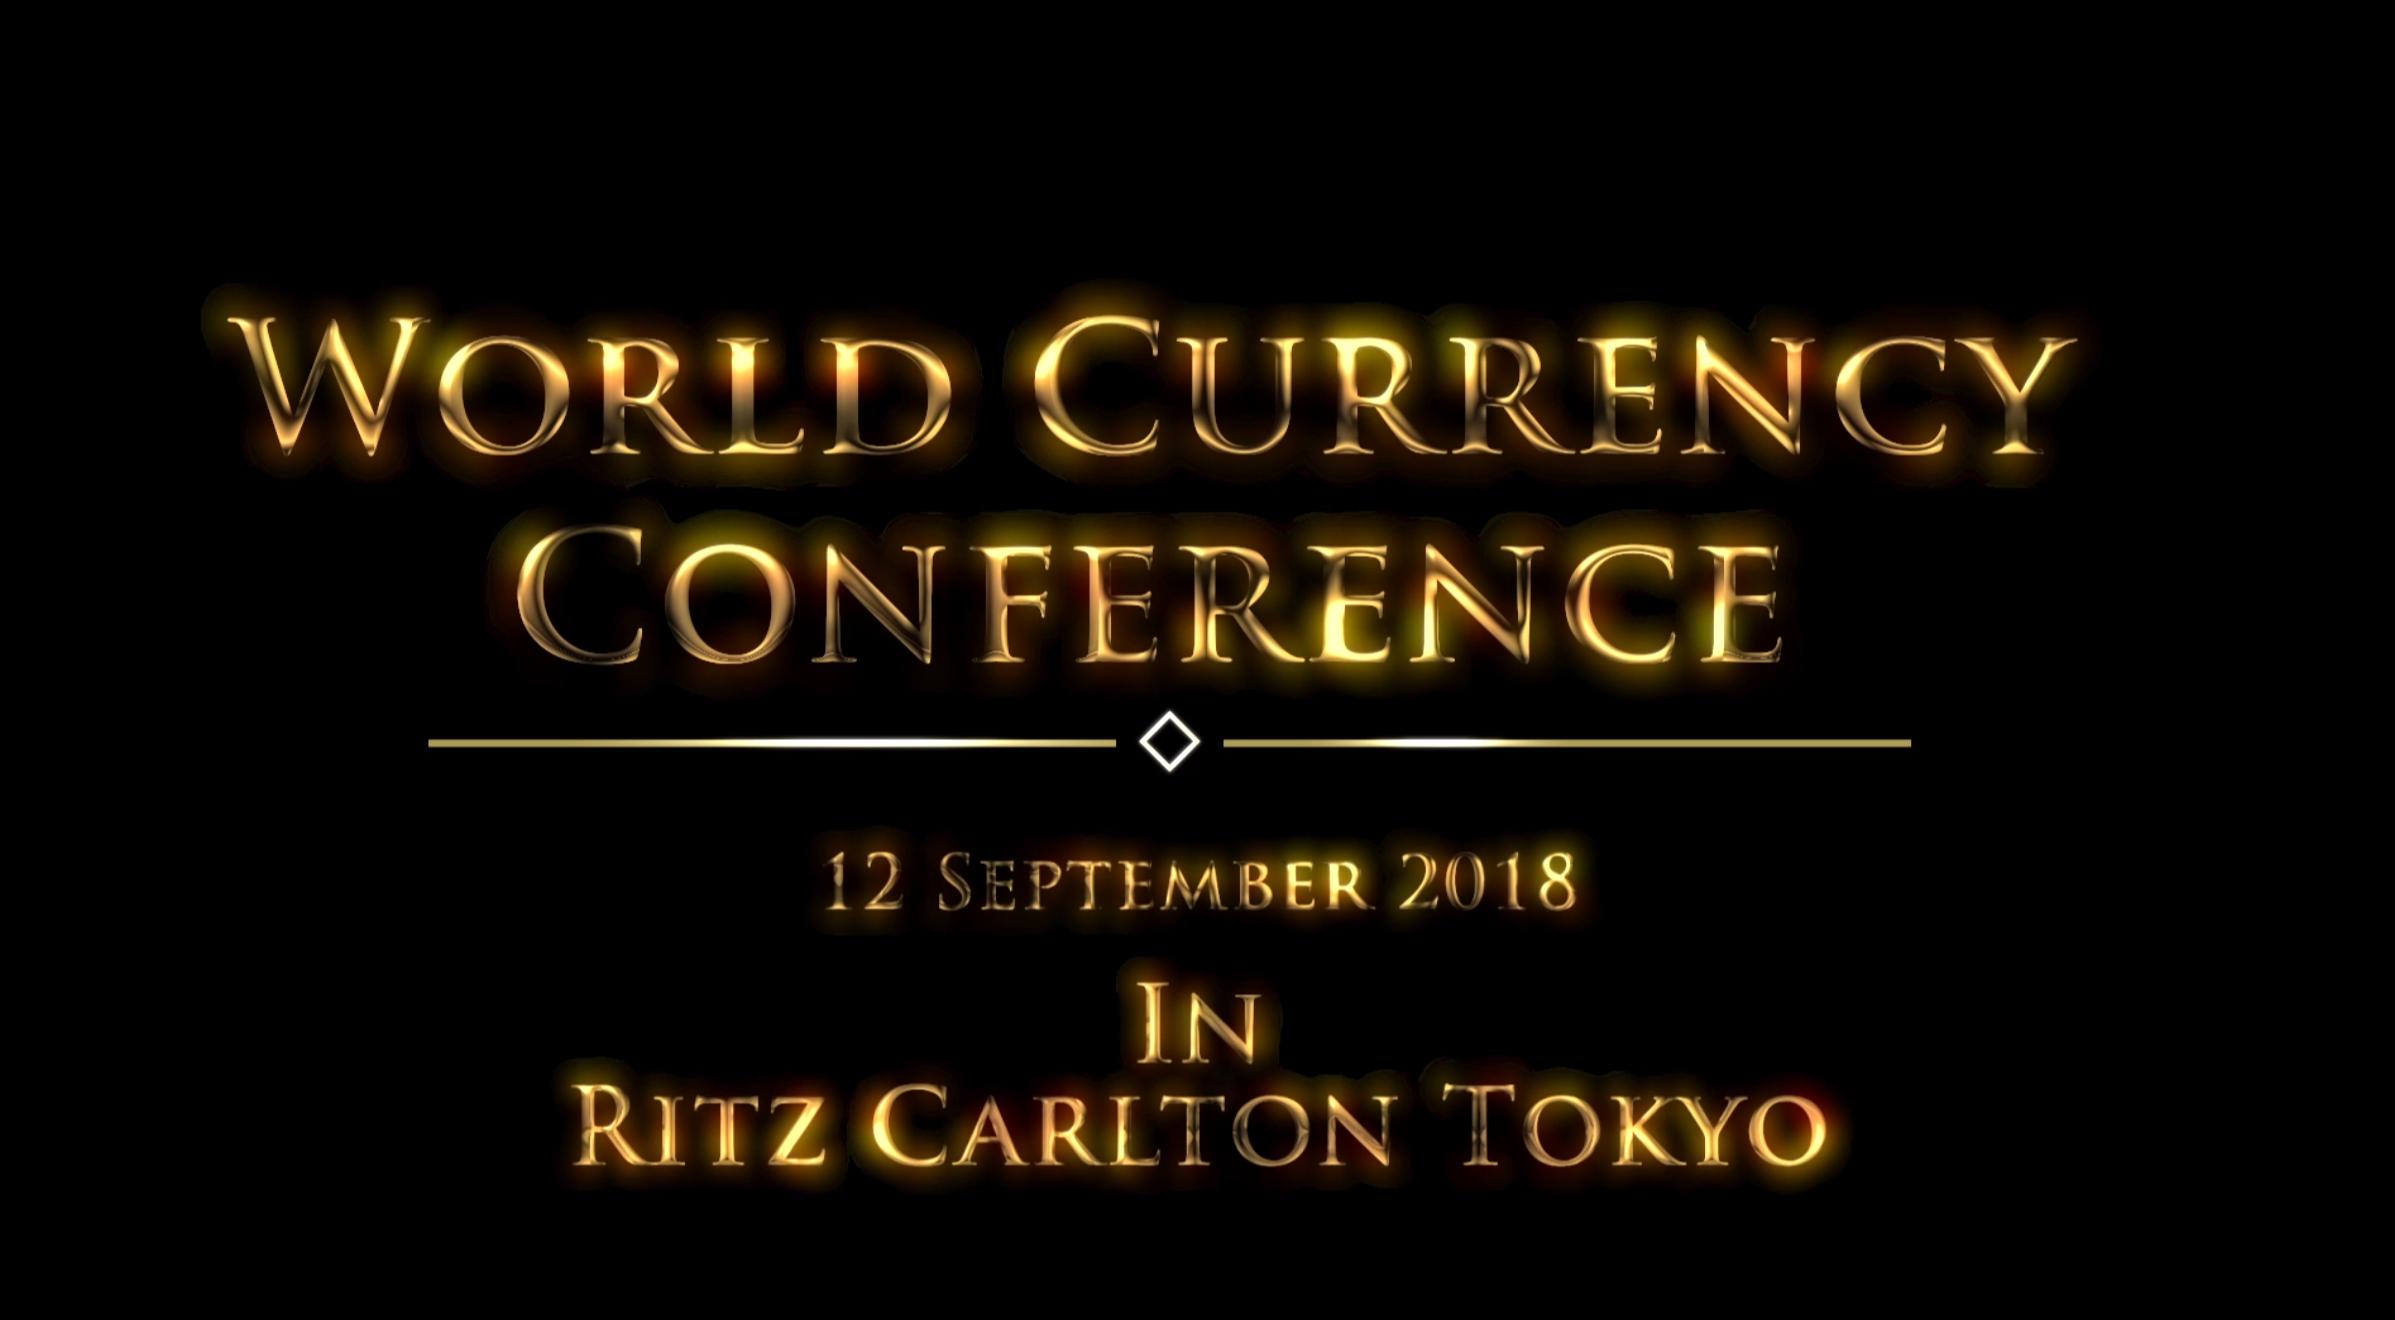 漆沢祐樹 「世界通貨協議会」 ワールドカレンシーカンファレンス Youtube